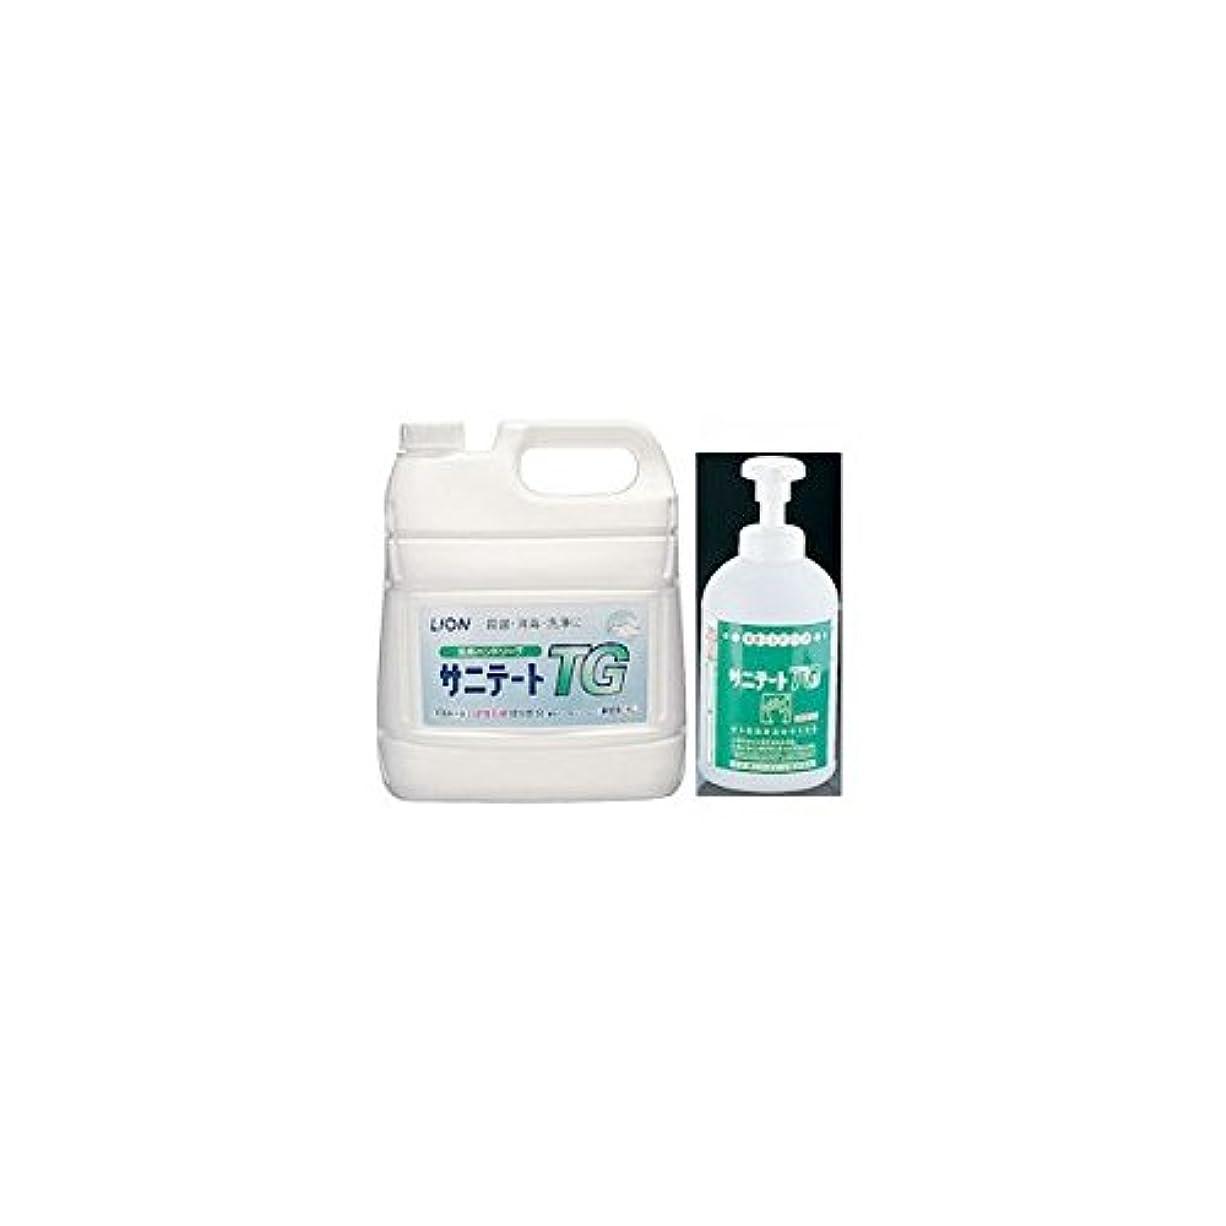 ビットモネ強大なライオン薬用ハンドソープ サニテートTG 4L 700ML泡ポンプ付 【品番】JHV3001